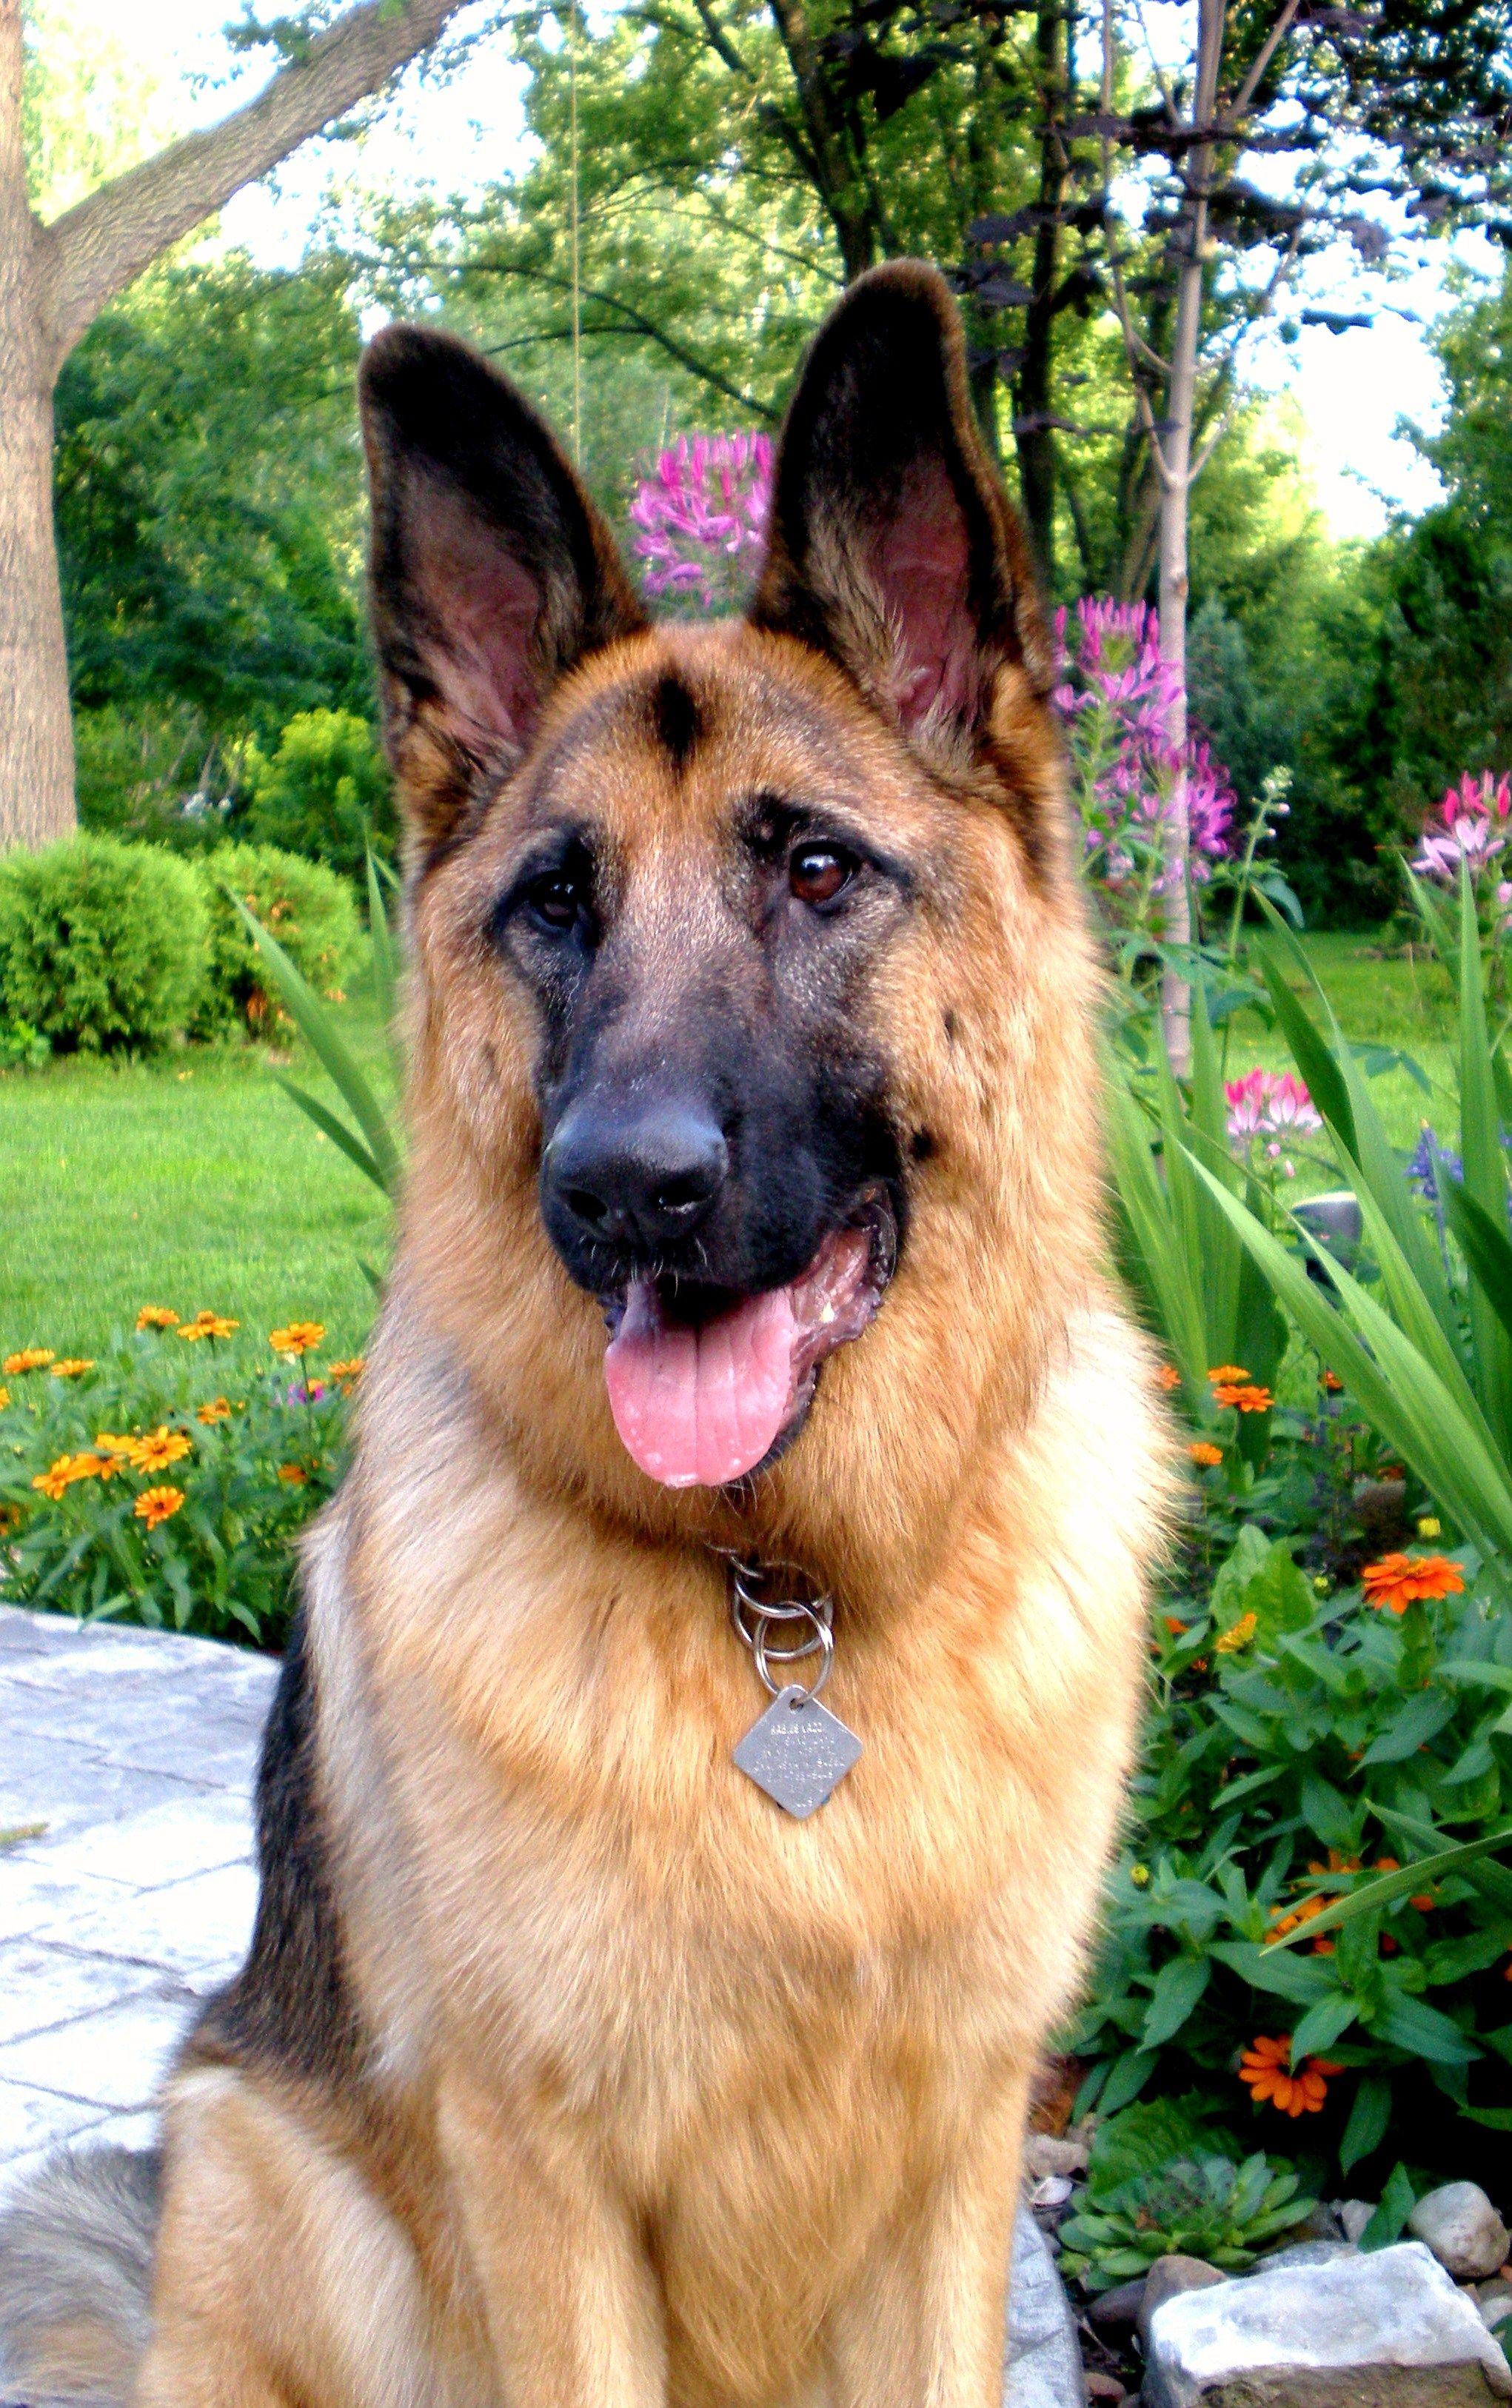 german shepherd love (With images) German shepherd dogs